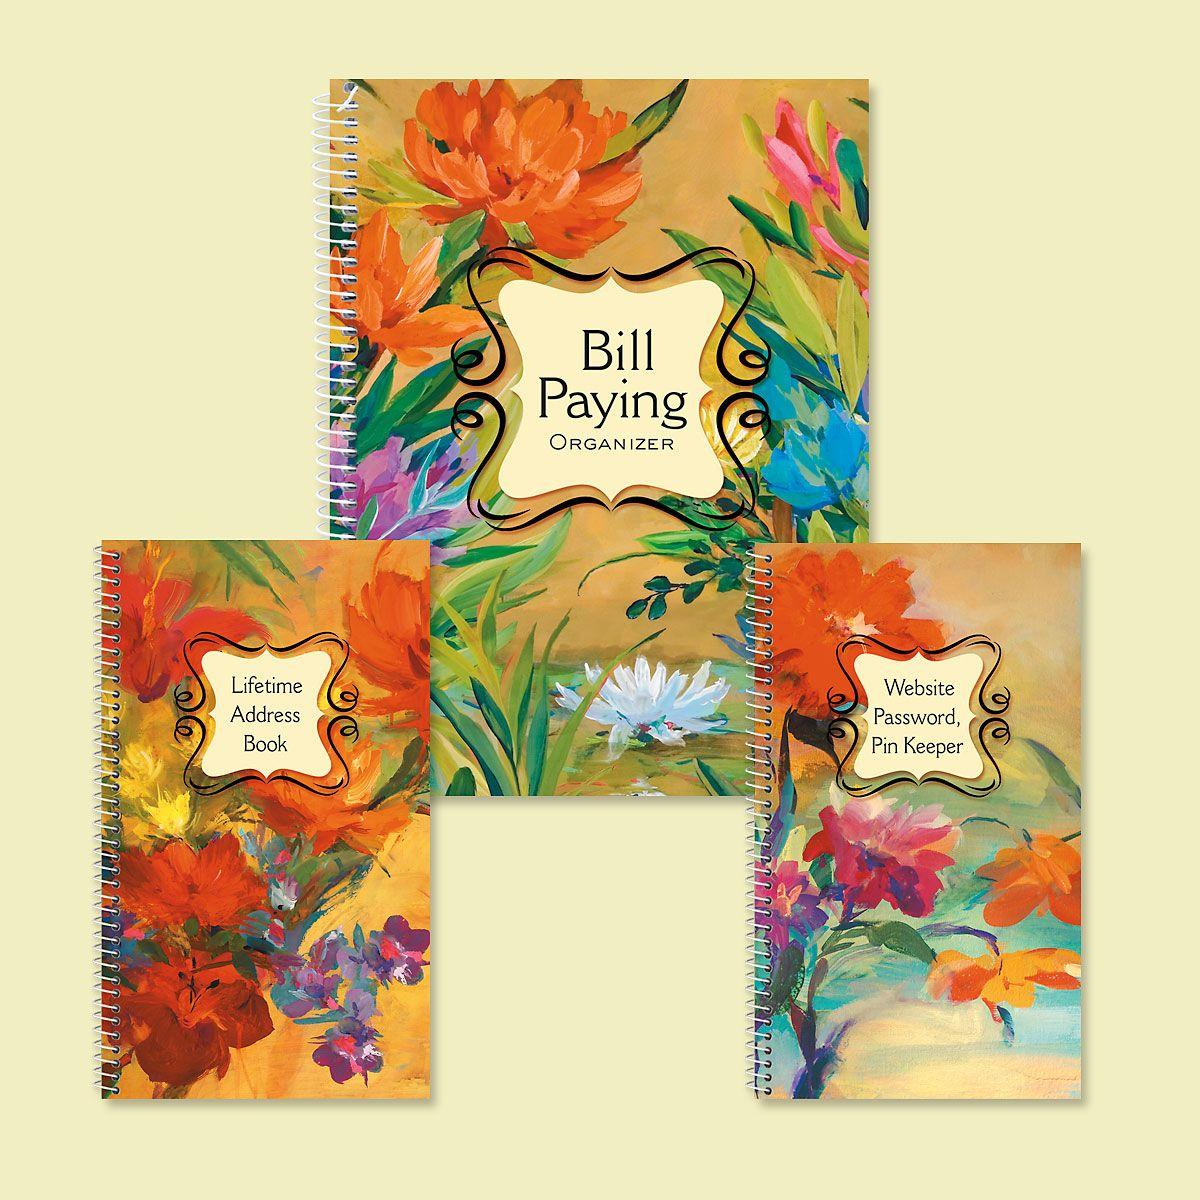 Spring Garden Organizer Books